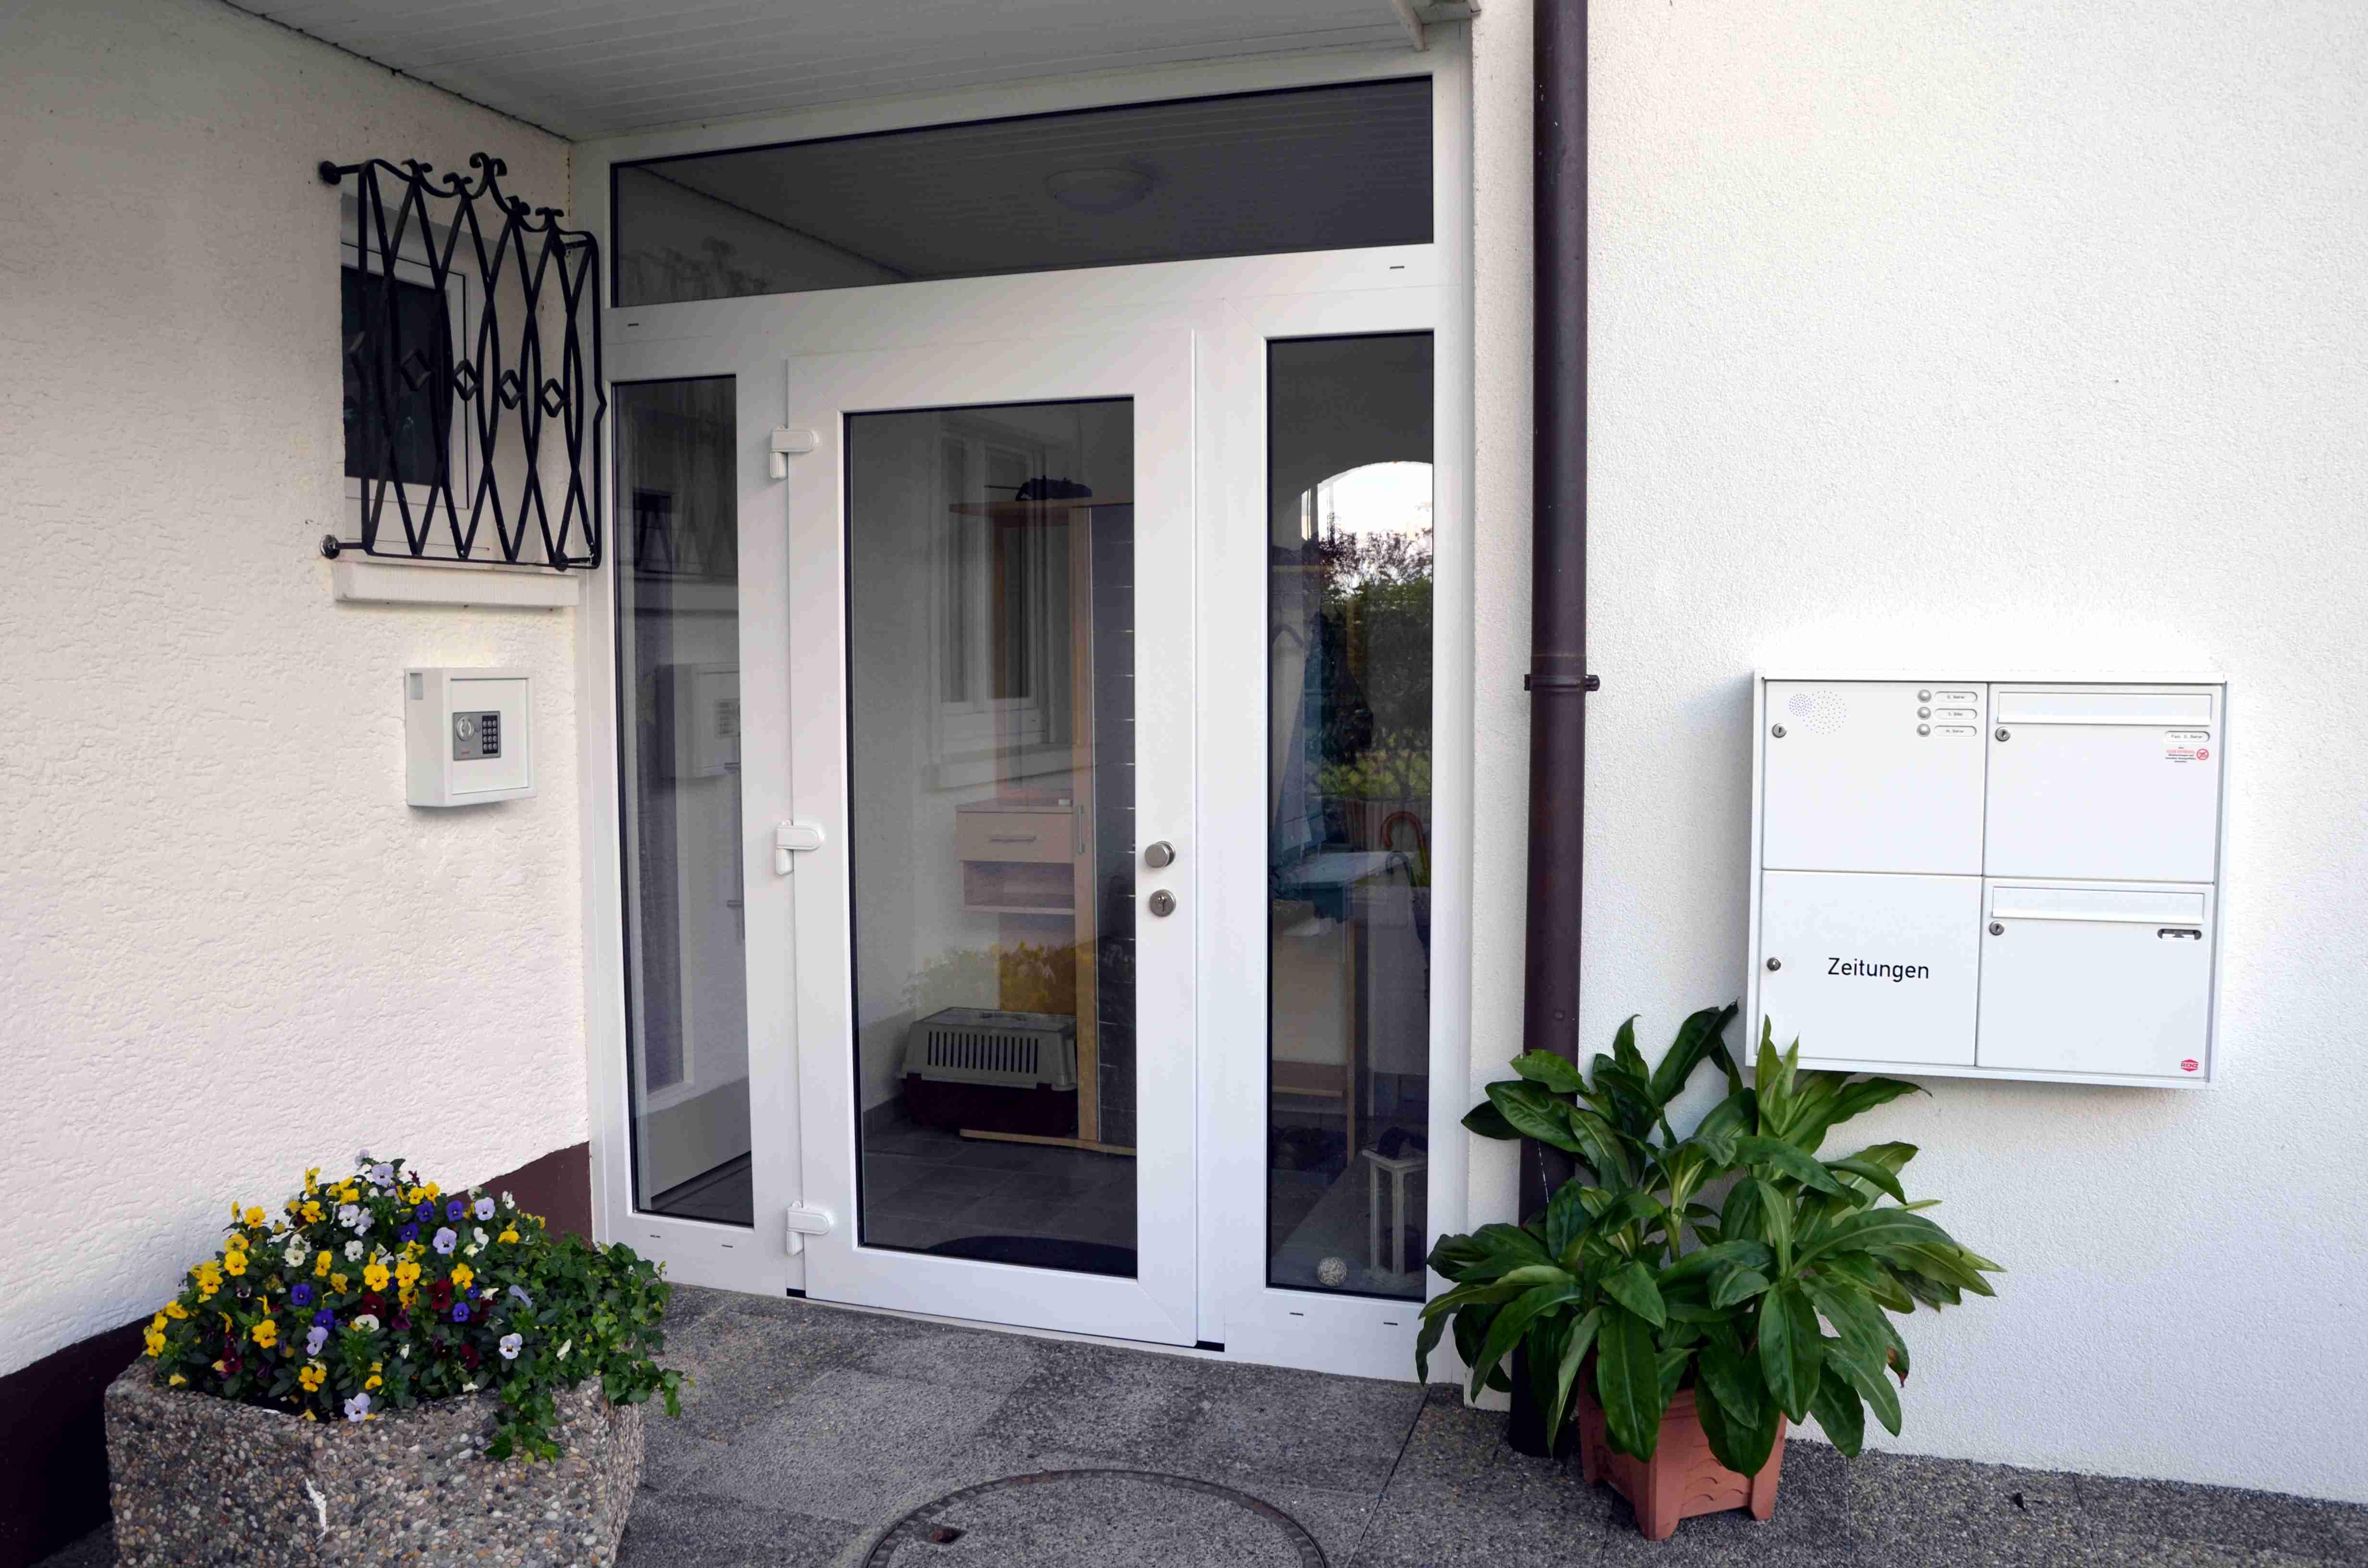 haus beirer g b r sipplingen ferienwohnung sonnenblume 50 qm 1 schlafzimmer max 2. Black Bedroom Furniture Sets. Home Design Ideas